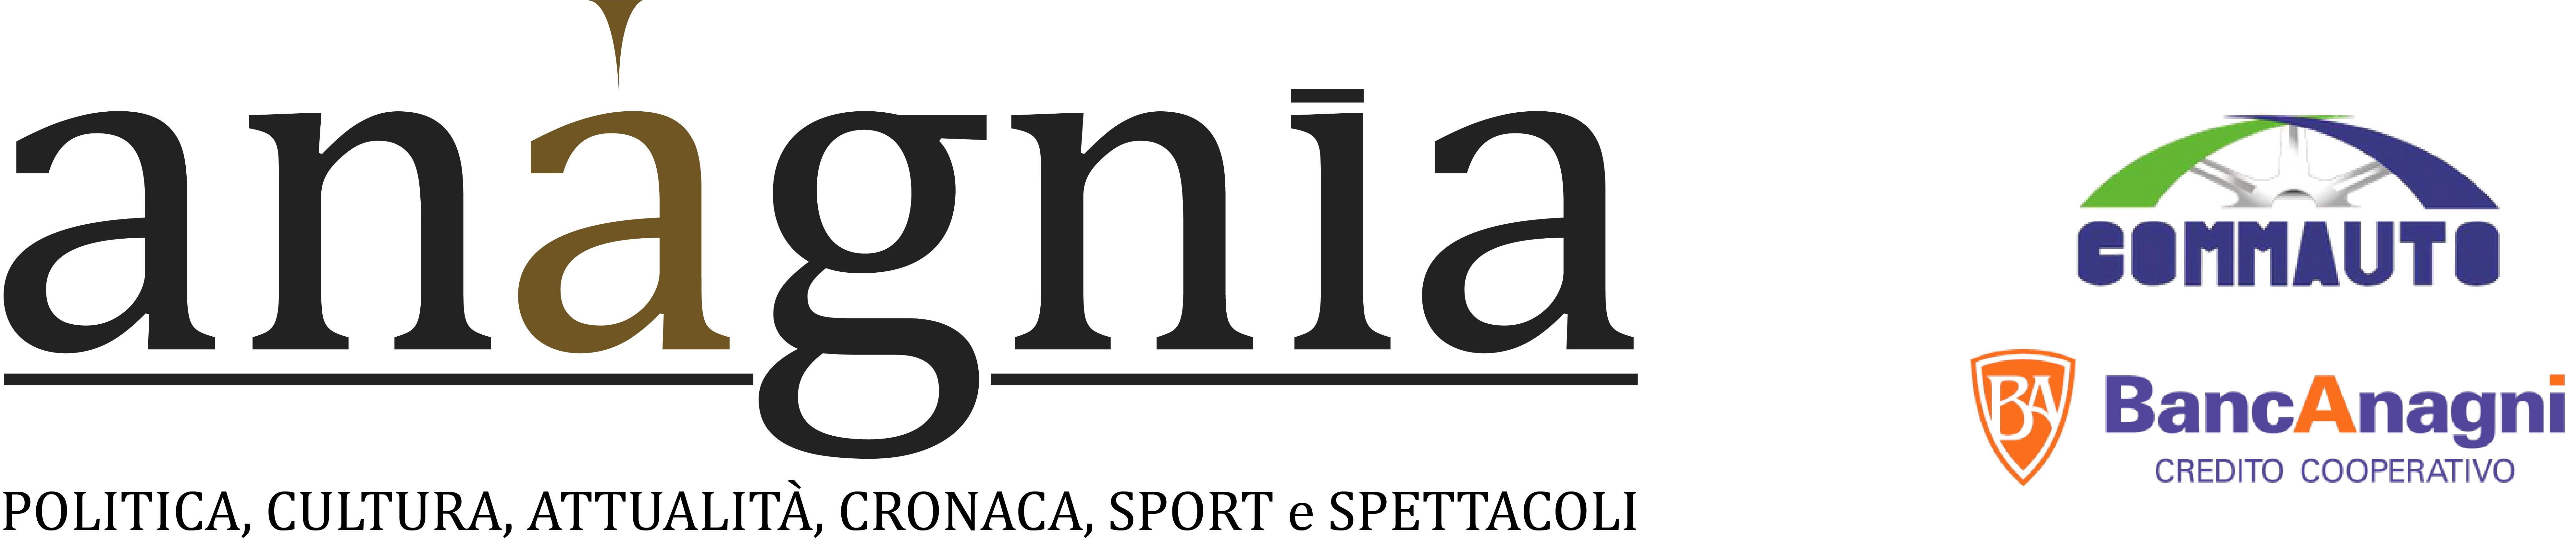 Anagnia.com – Rassegna 28 Giugno 2020